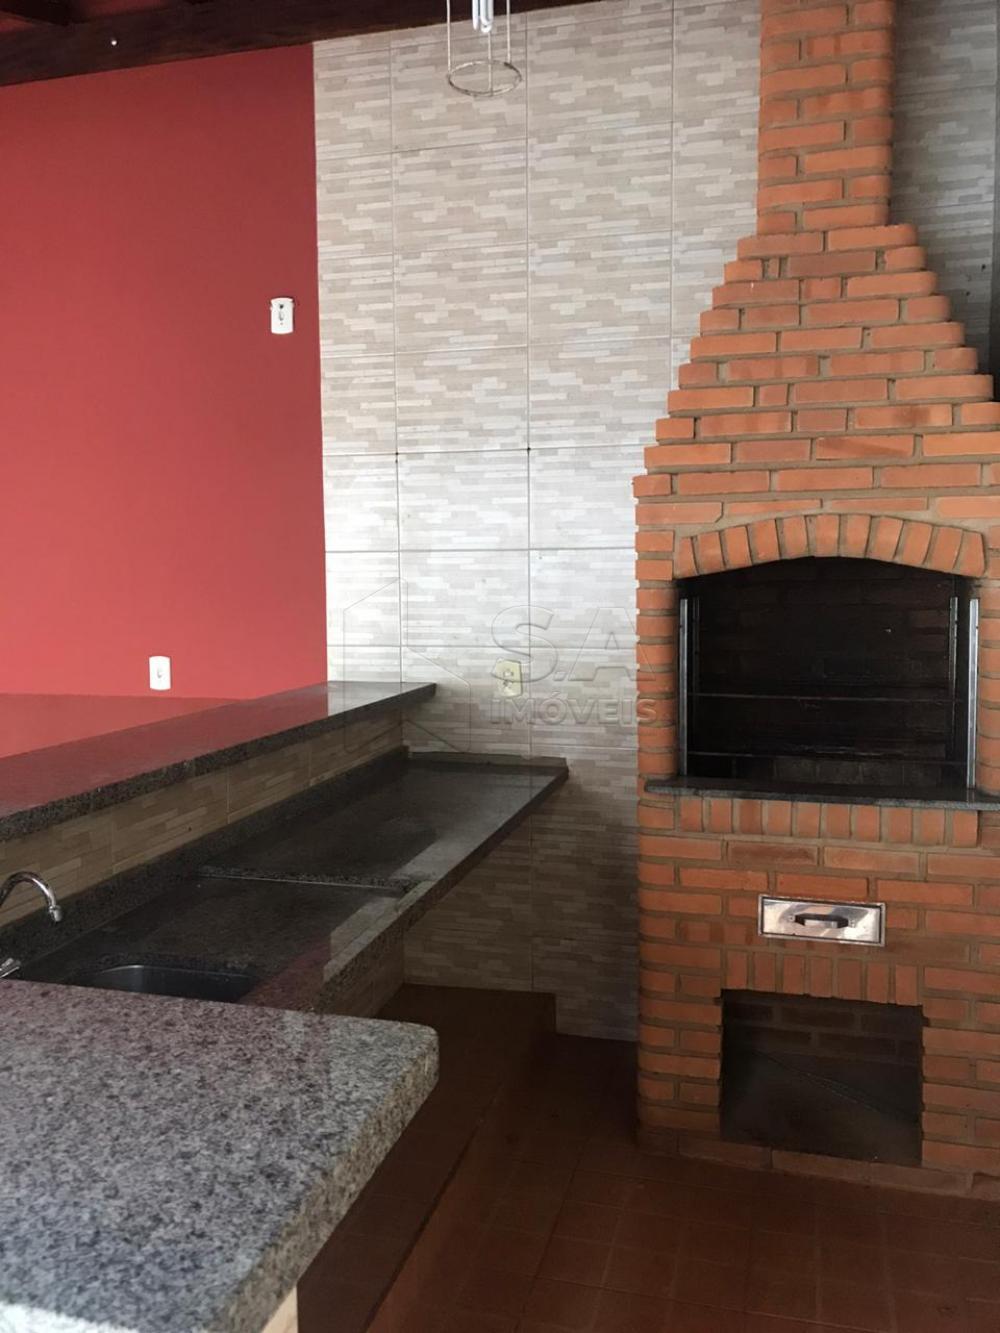 Comprar Casa / Padrão em Botucatu apenas R$ 470.000,00 - Foto 22